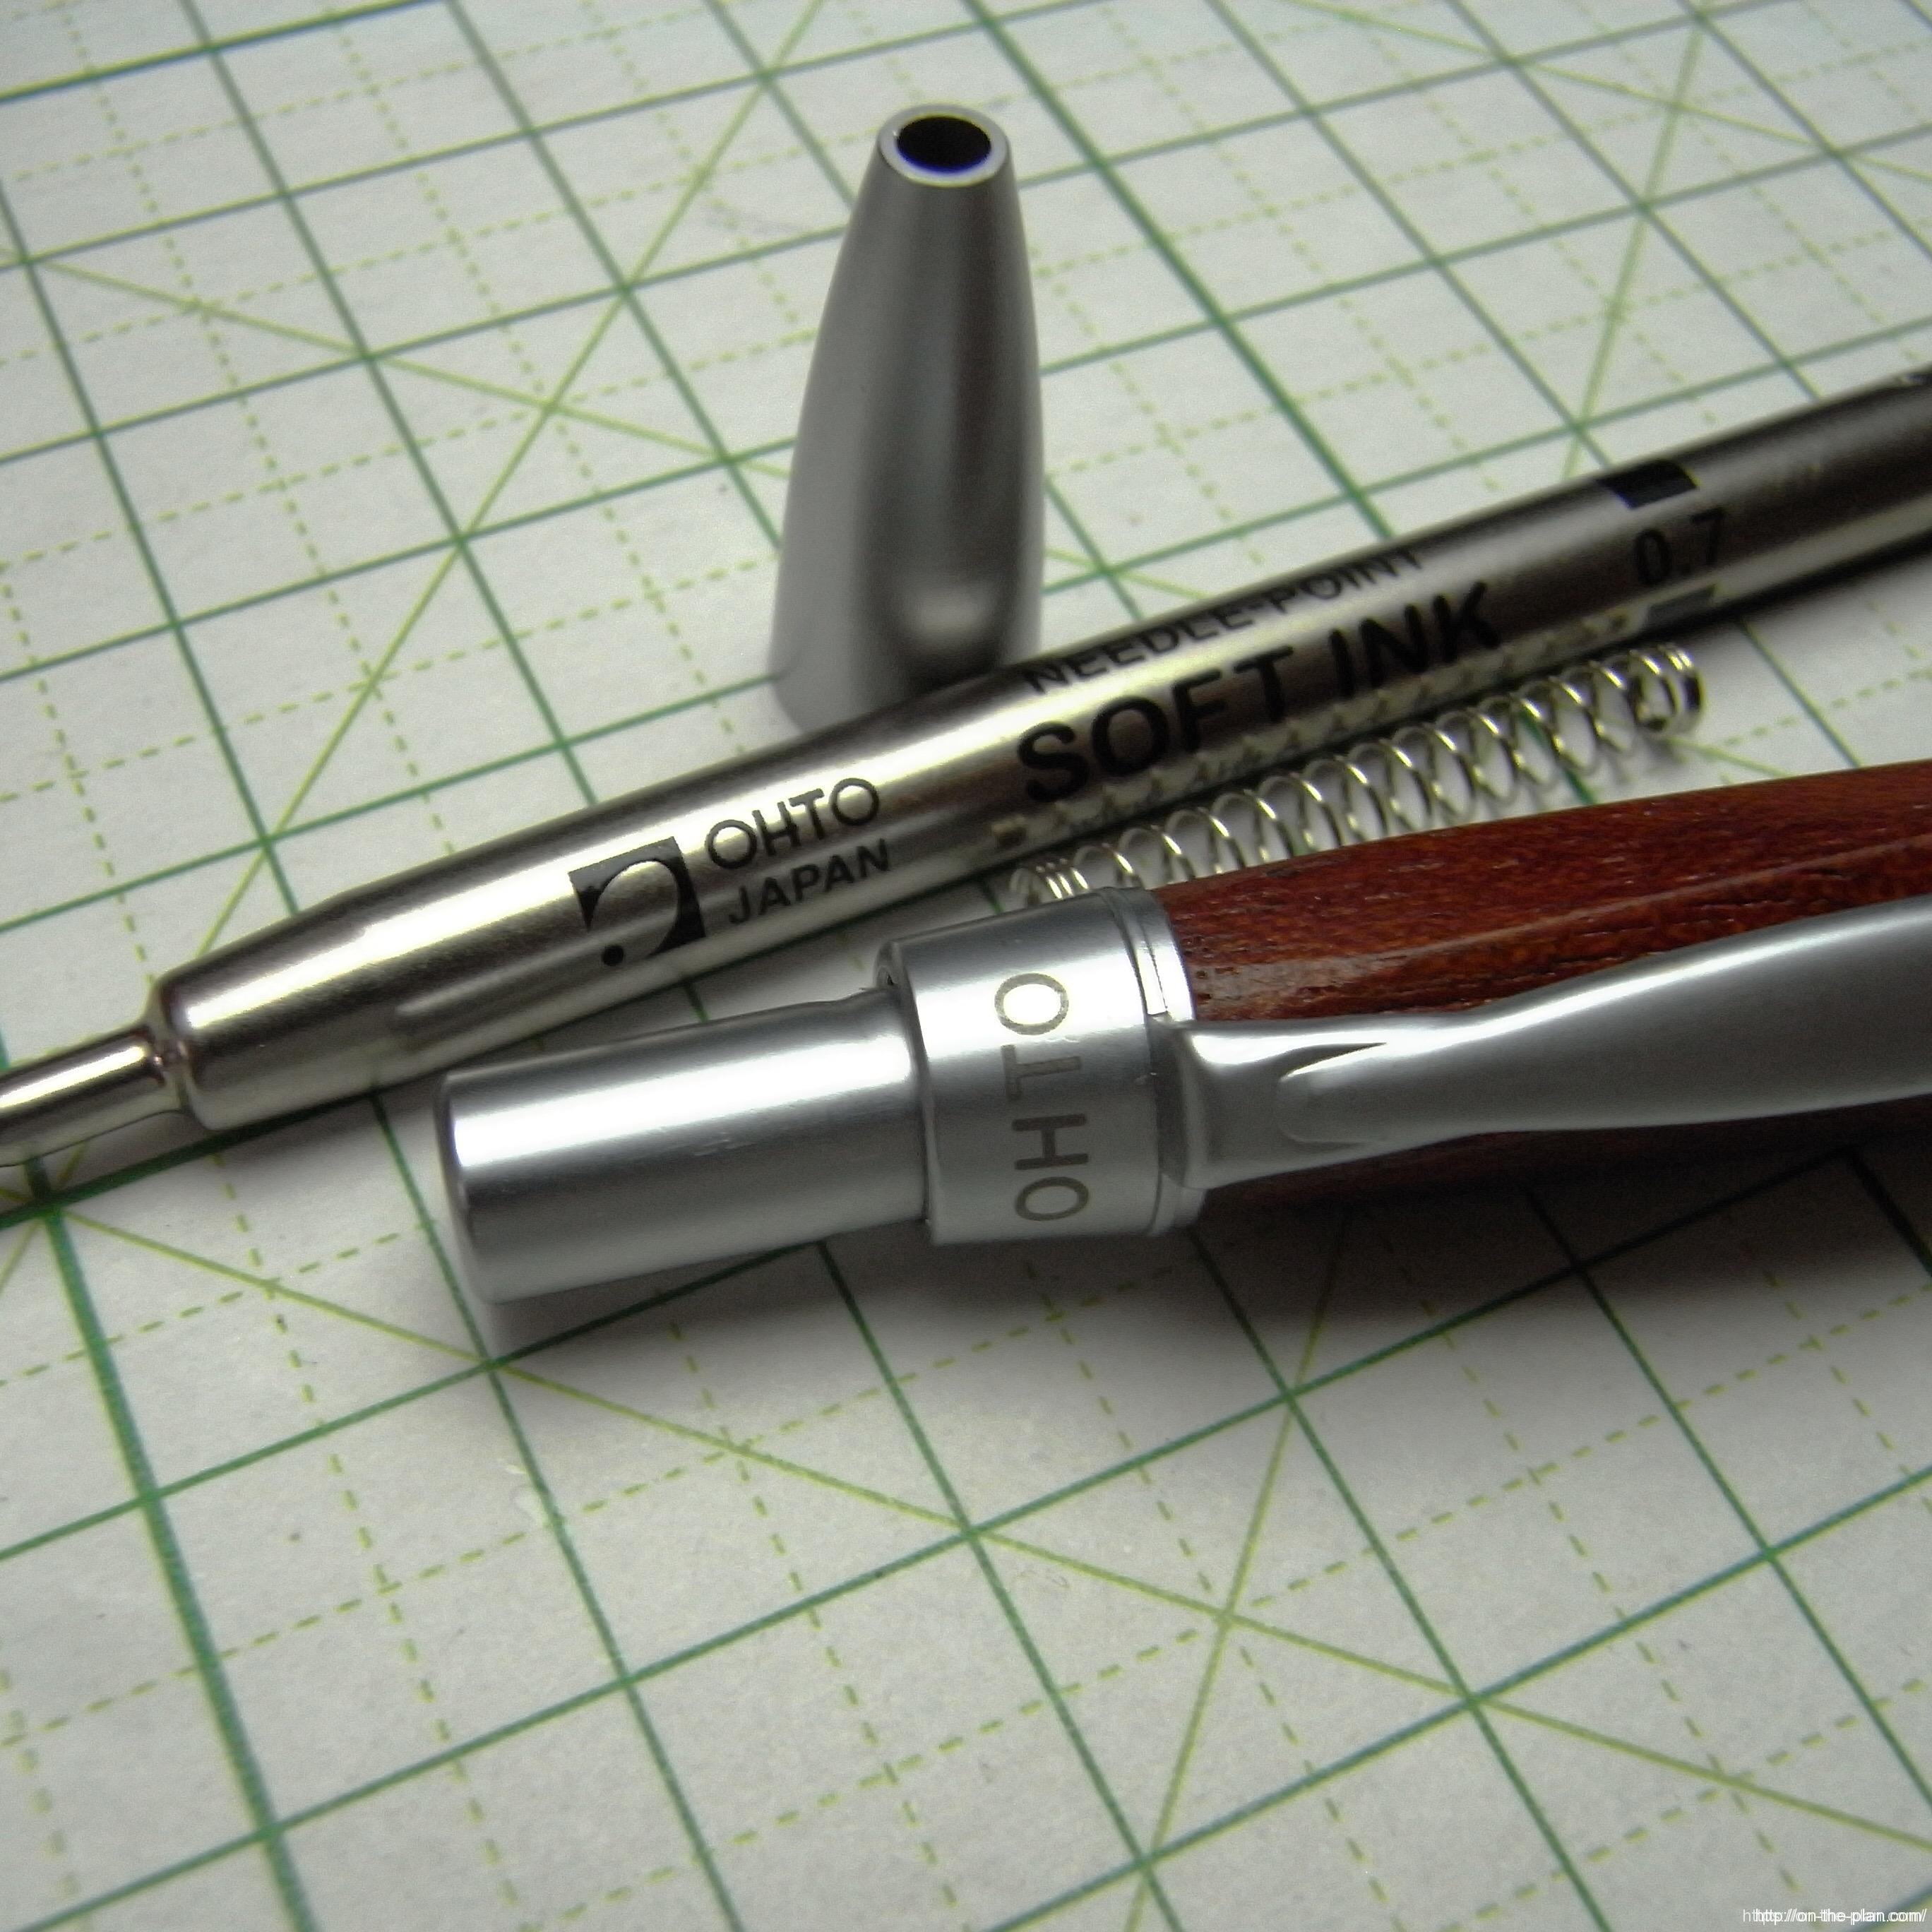 リフィルはPS-207-NPが装填されています。セットされているバネは上下を入れ替えてしまうとノックが作動しなくなる。